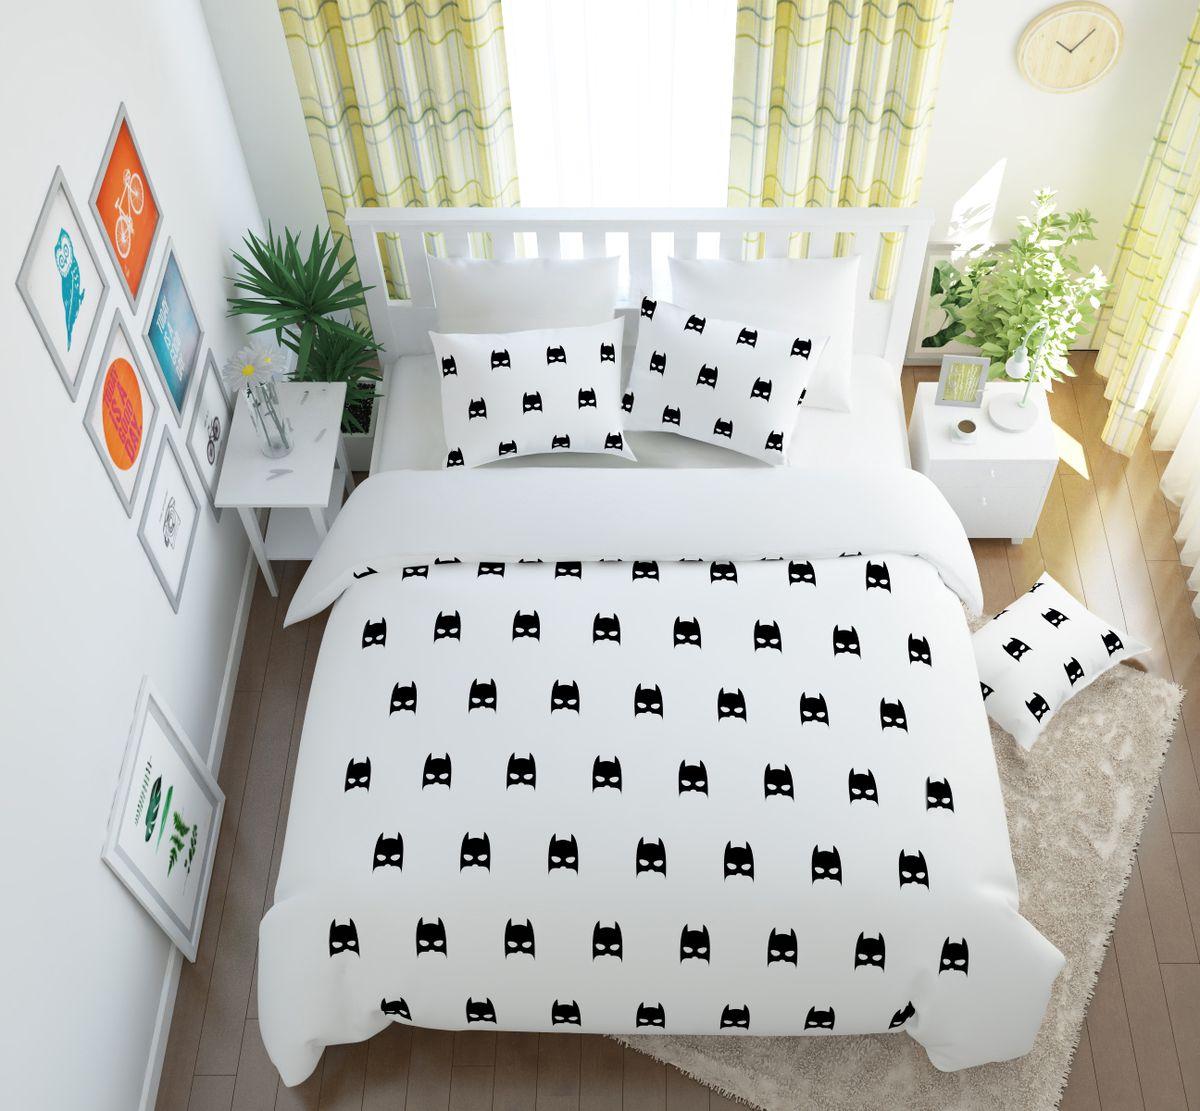 Комплект белья Сирень Бэтмен, 1,5-спальный, наволочки 50x70S03301004Комплект постельного белья Сирень состоит из простыни, пододеяльника и 2 наволочек. Комплект выполнен из современных гипоаллергенных материалов. Приятный при прикосновении сатин - гарантия здорового, спокойного сна. Ткань хорошо впитывает влагу, надолго сохраняет яркость красок. Четкий, изящный рисунок в сочетании с насыщенными красками делает комплект постельного белья неповторимой изюминкой любого интерьера. Постельное белье идеально подойдет для подарка.